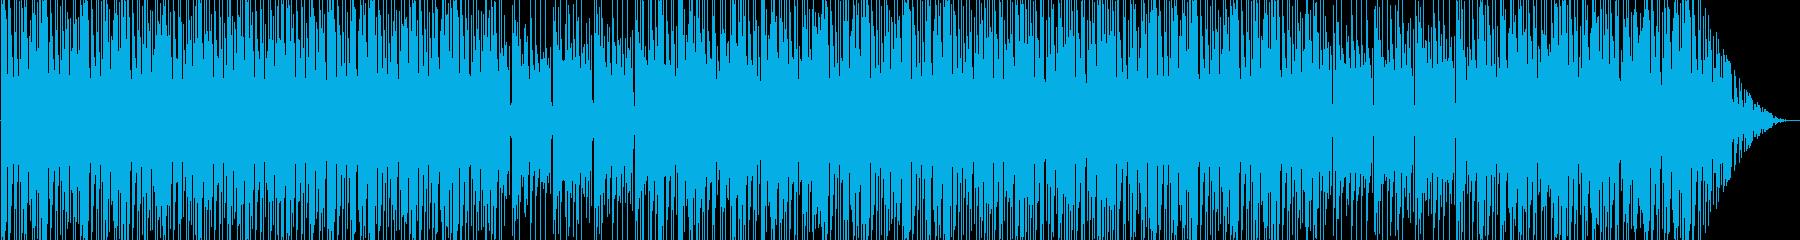 ワクワク感のシンセポップテクノ系サウンドの再生済みの波形